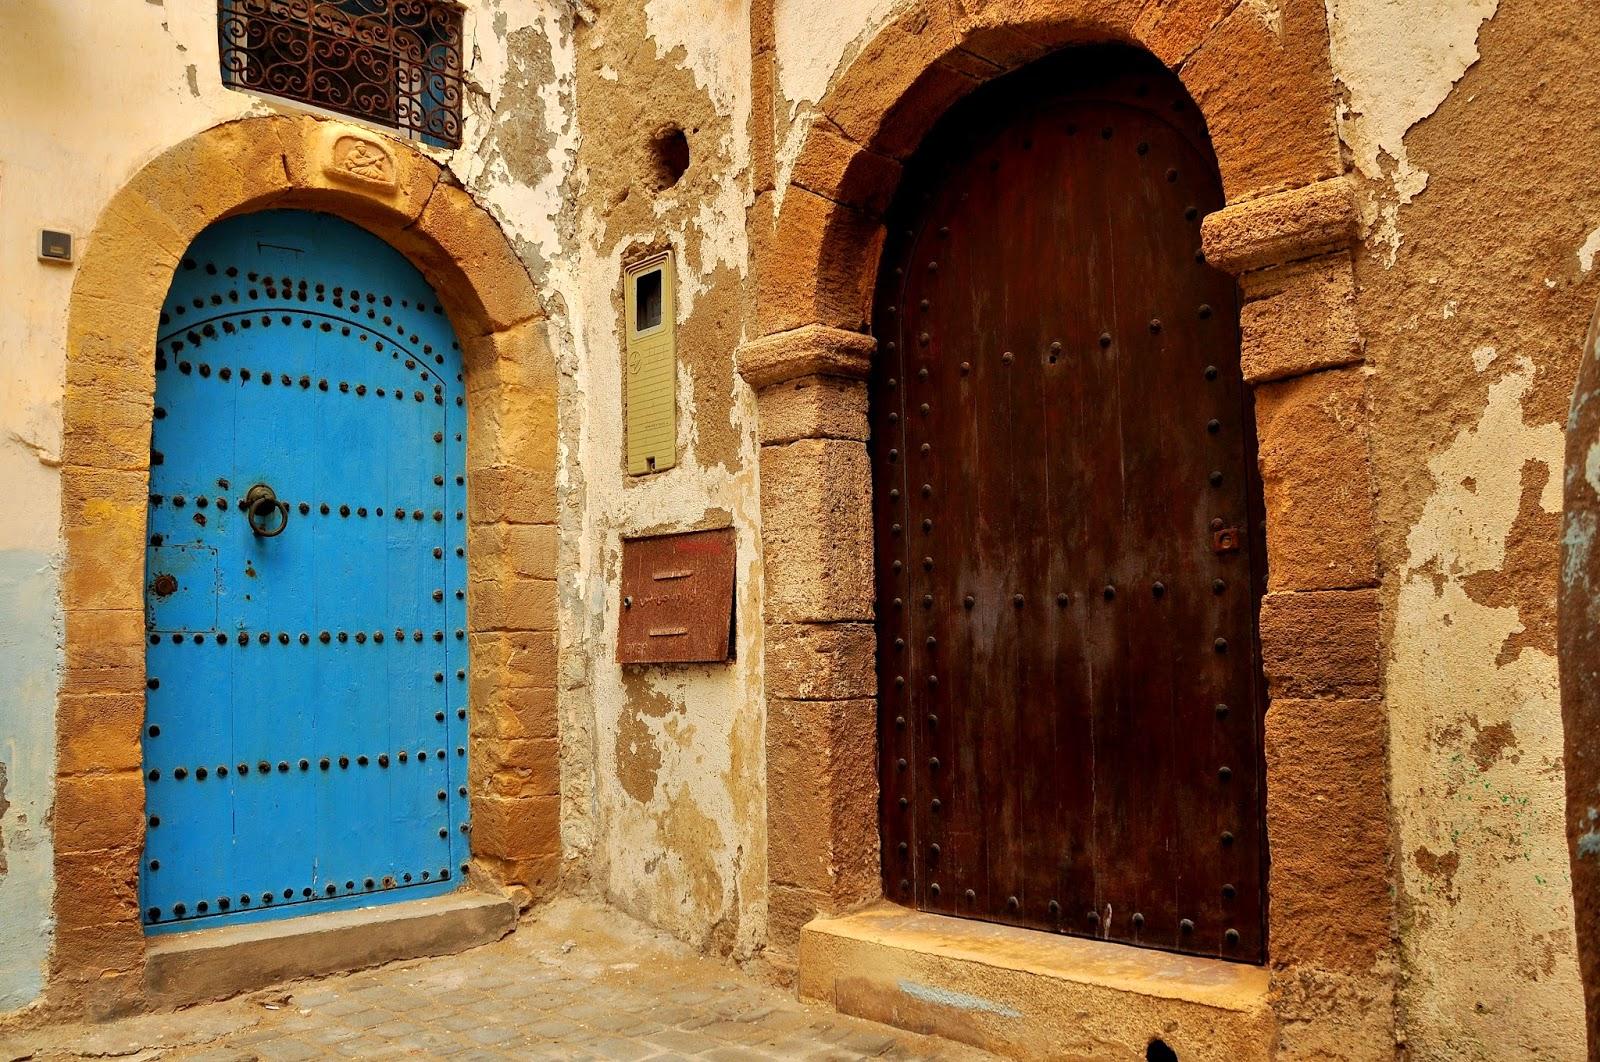 colores y texturas de las puertas en Marruecos, viaje a Marruecos, decoración vintage, lifestyle